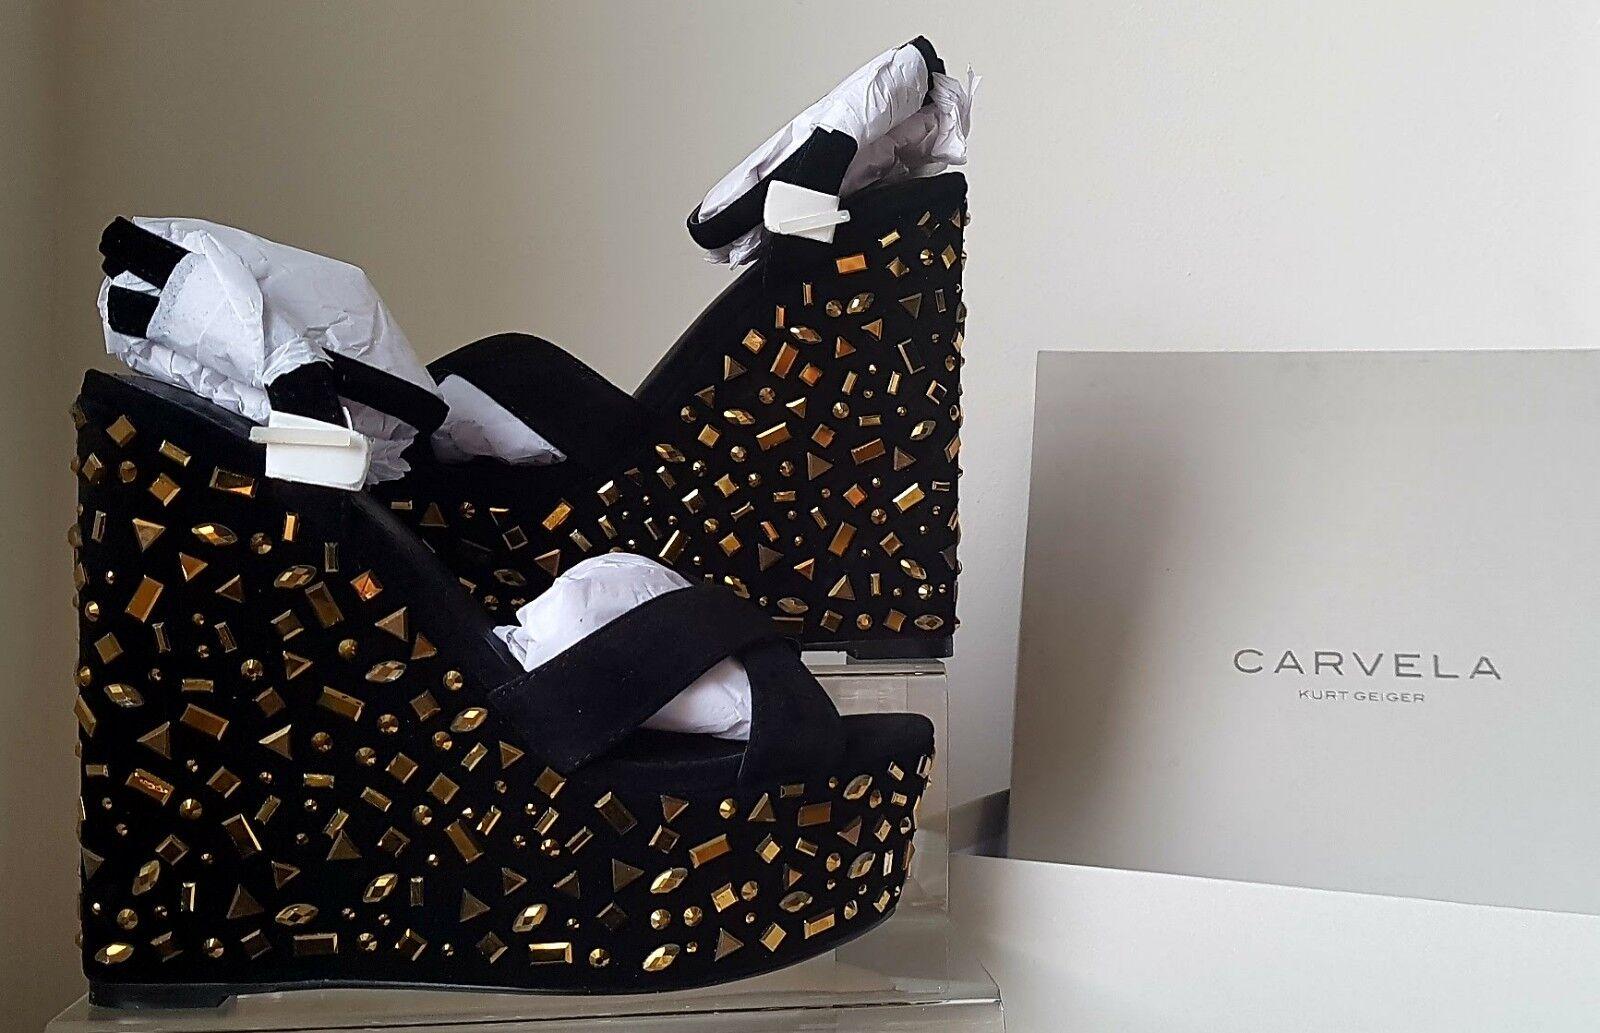 Carvella Black Suede Gold Embellished Wedges.EX HARRODS STOCK. Sz 6. £175